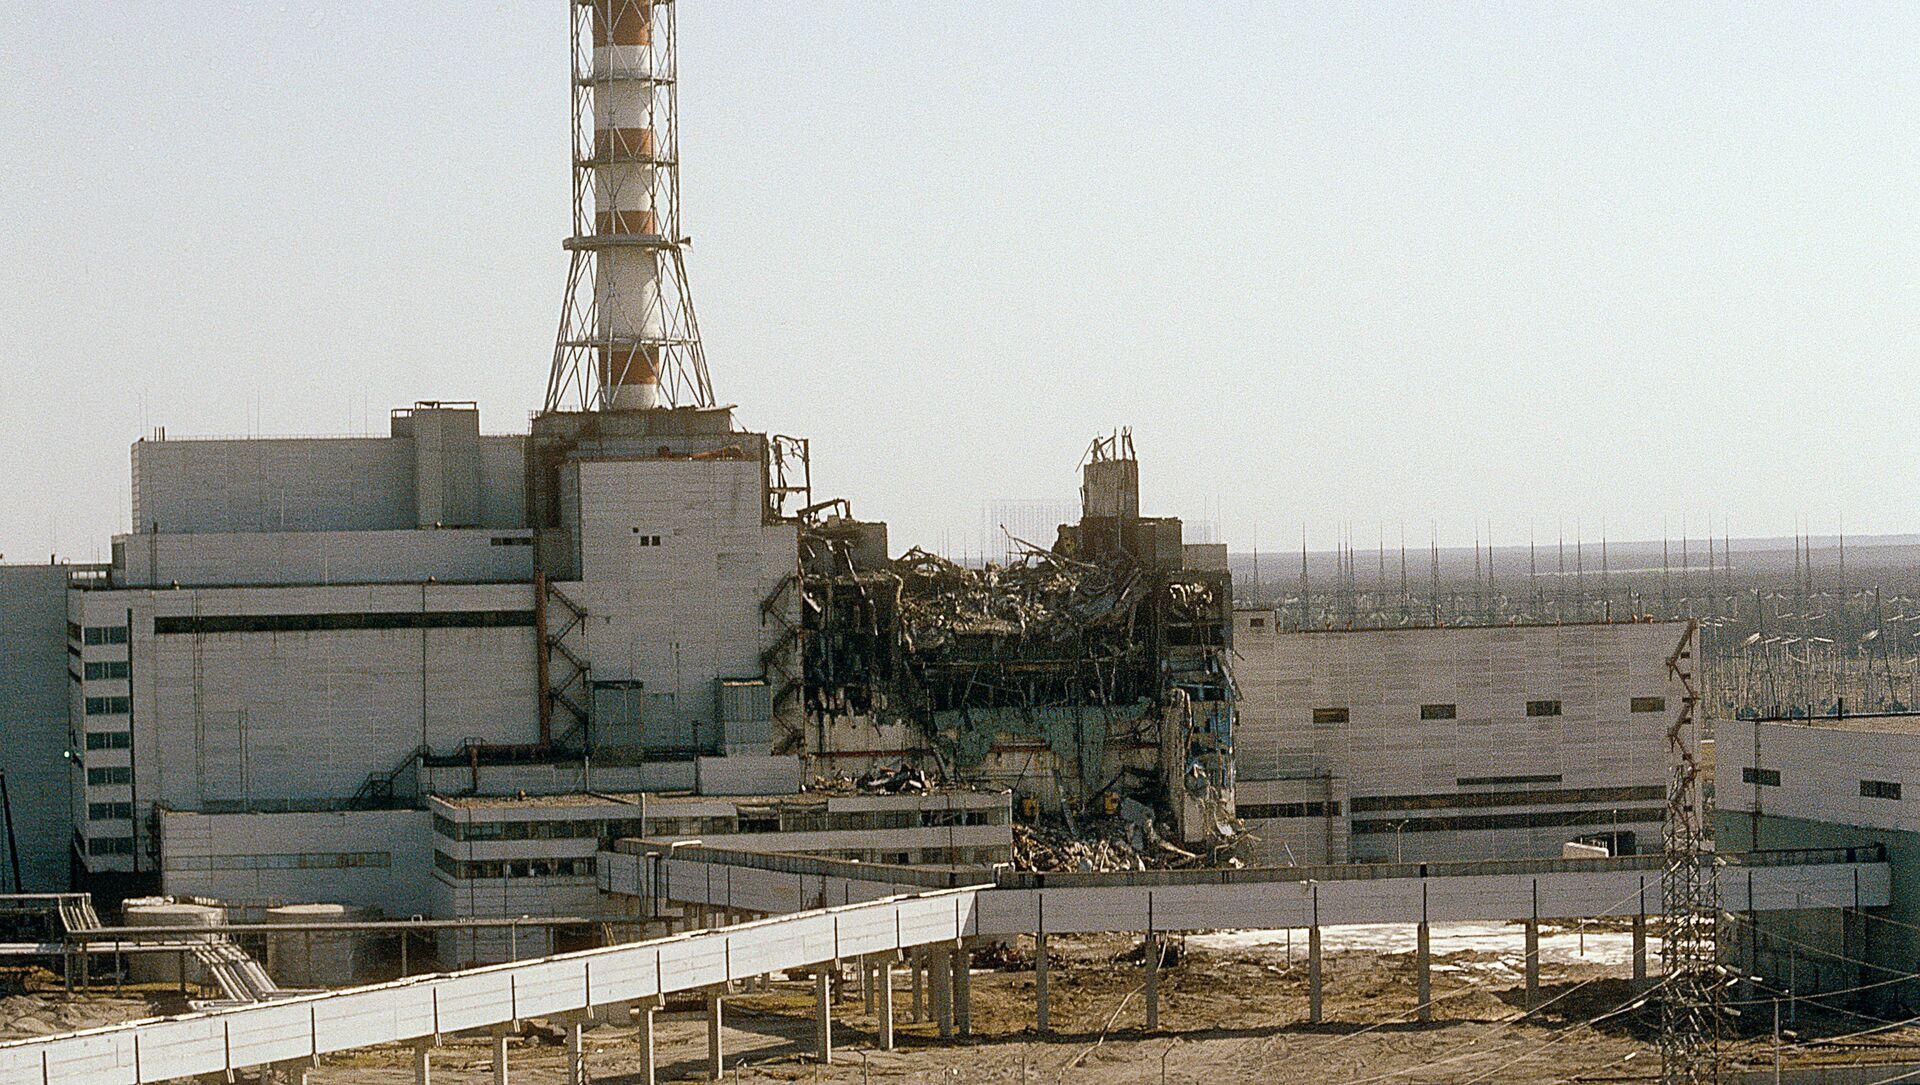 A 34 años de la tragedia de Chernóbil, la zona de exclusión sigue contaminada - Sputnik Mundo, 1920, 26.04.2020